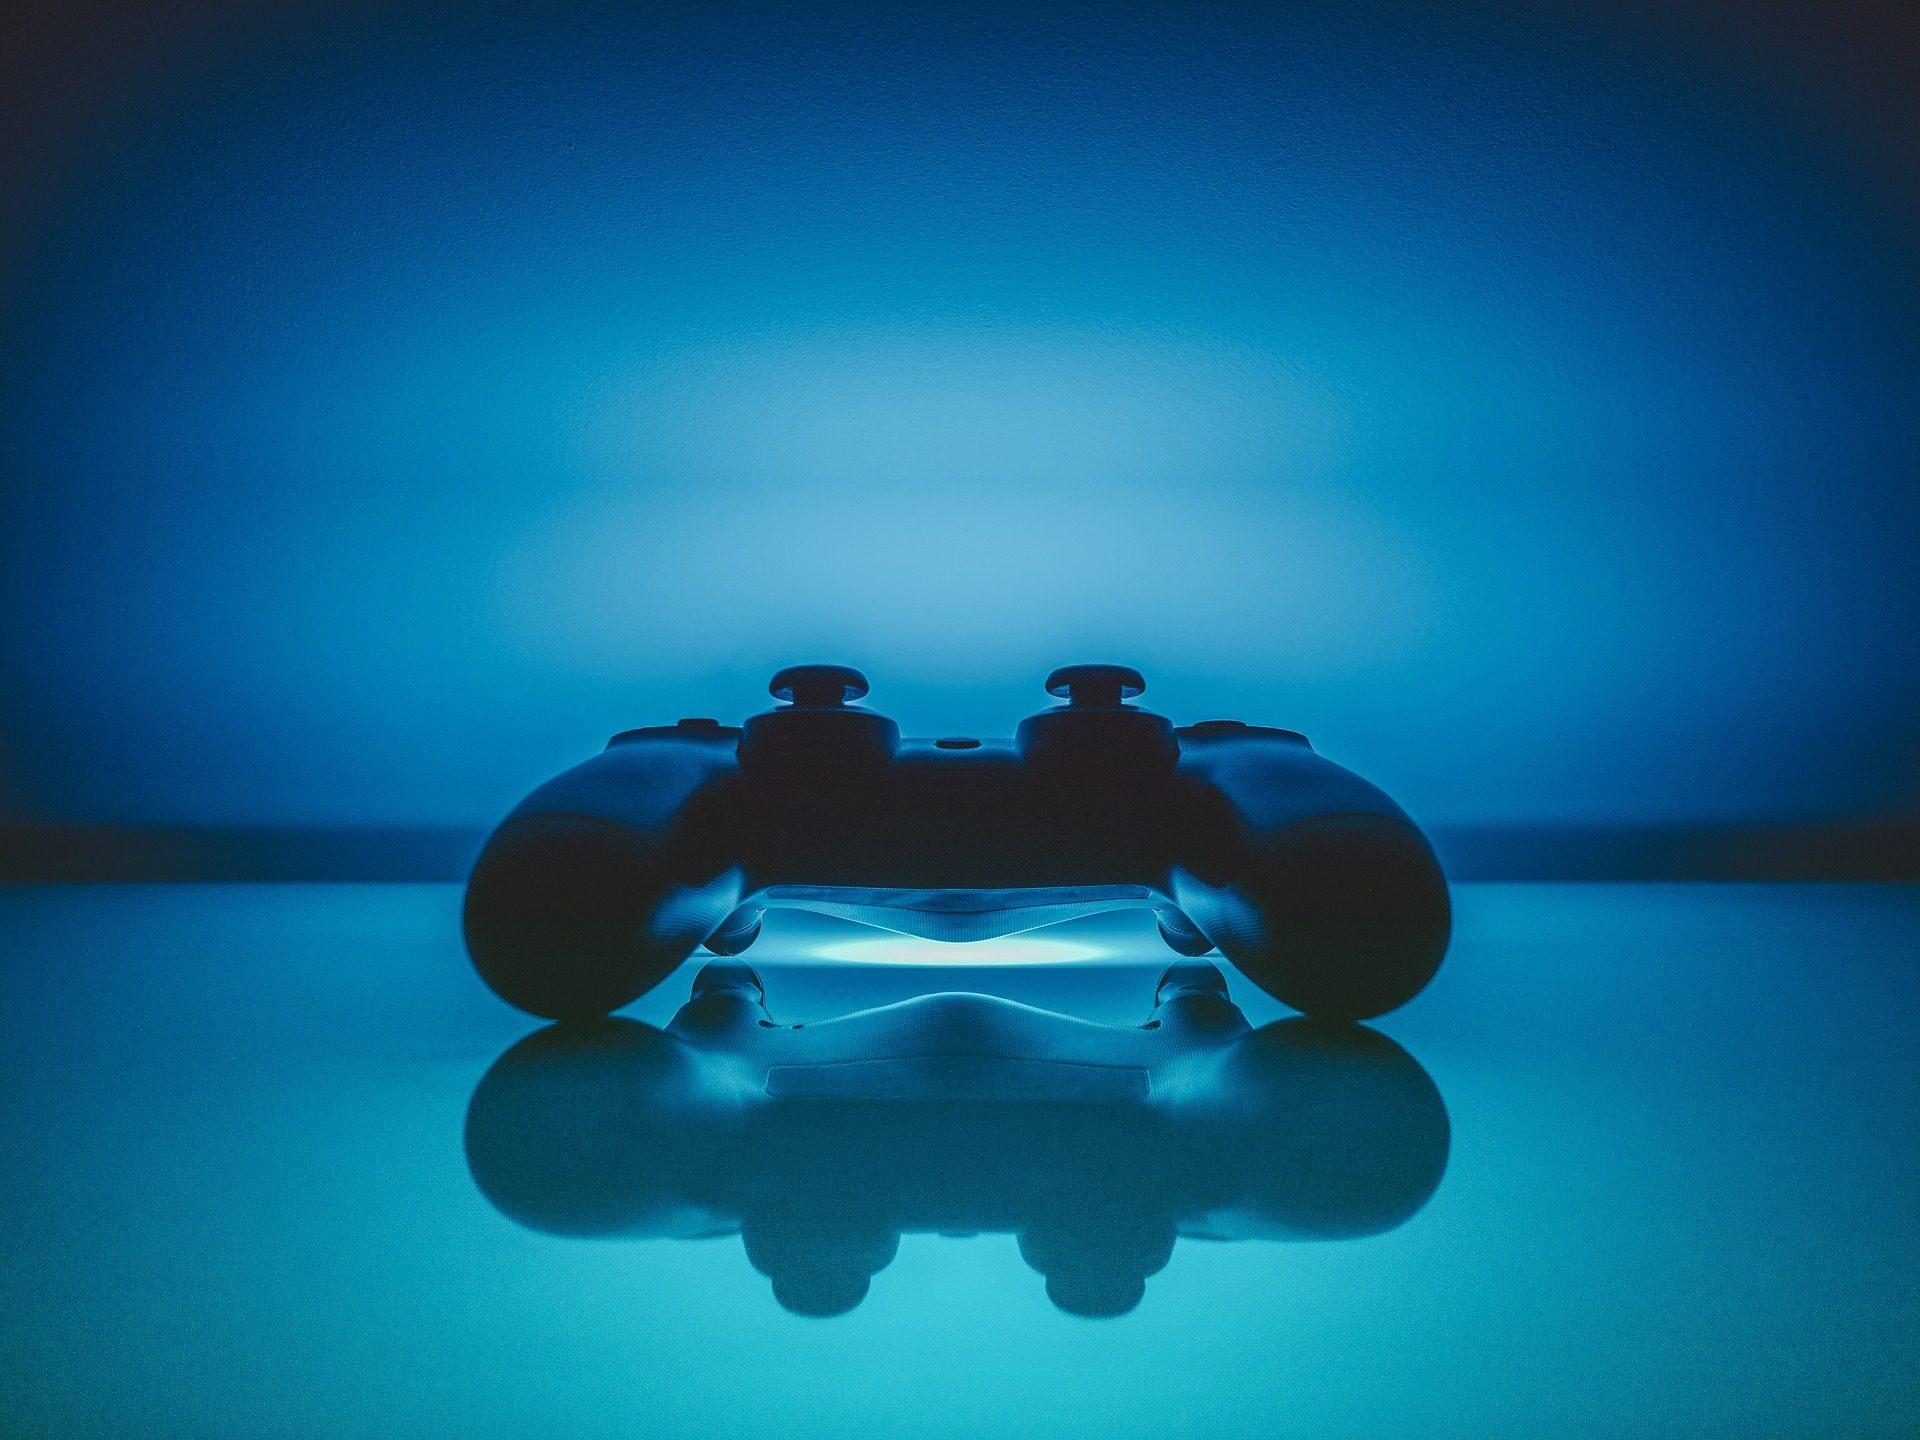 commande à distance, Console, jeux vidéo, contrôle, manette de jeu - Fonds d'écran HD - Professor-falken.com